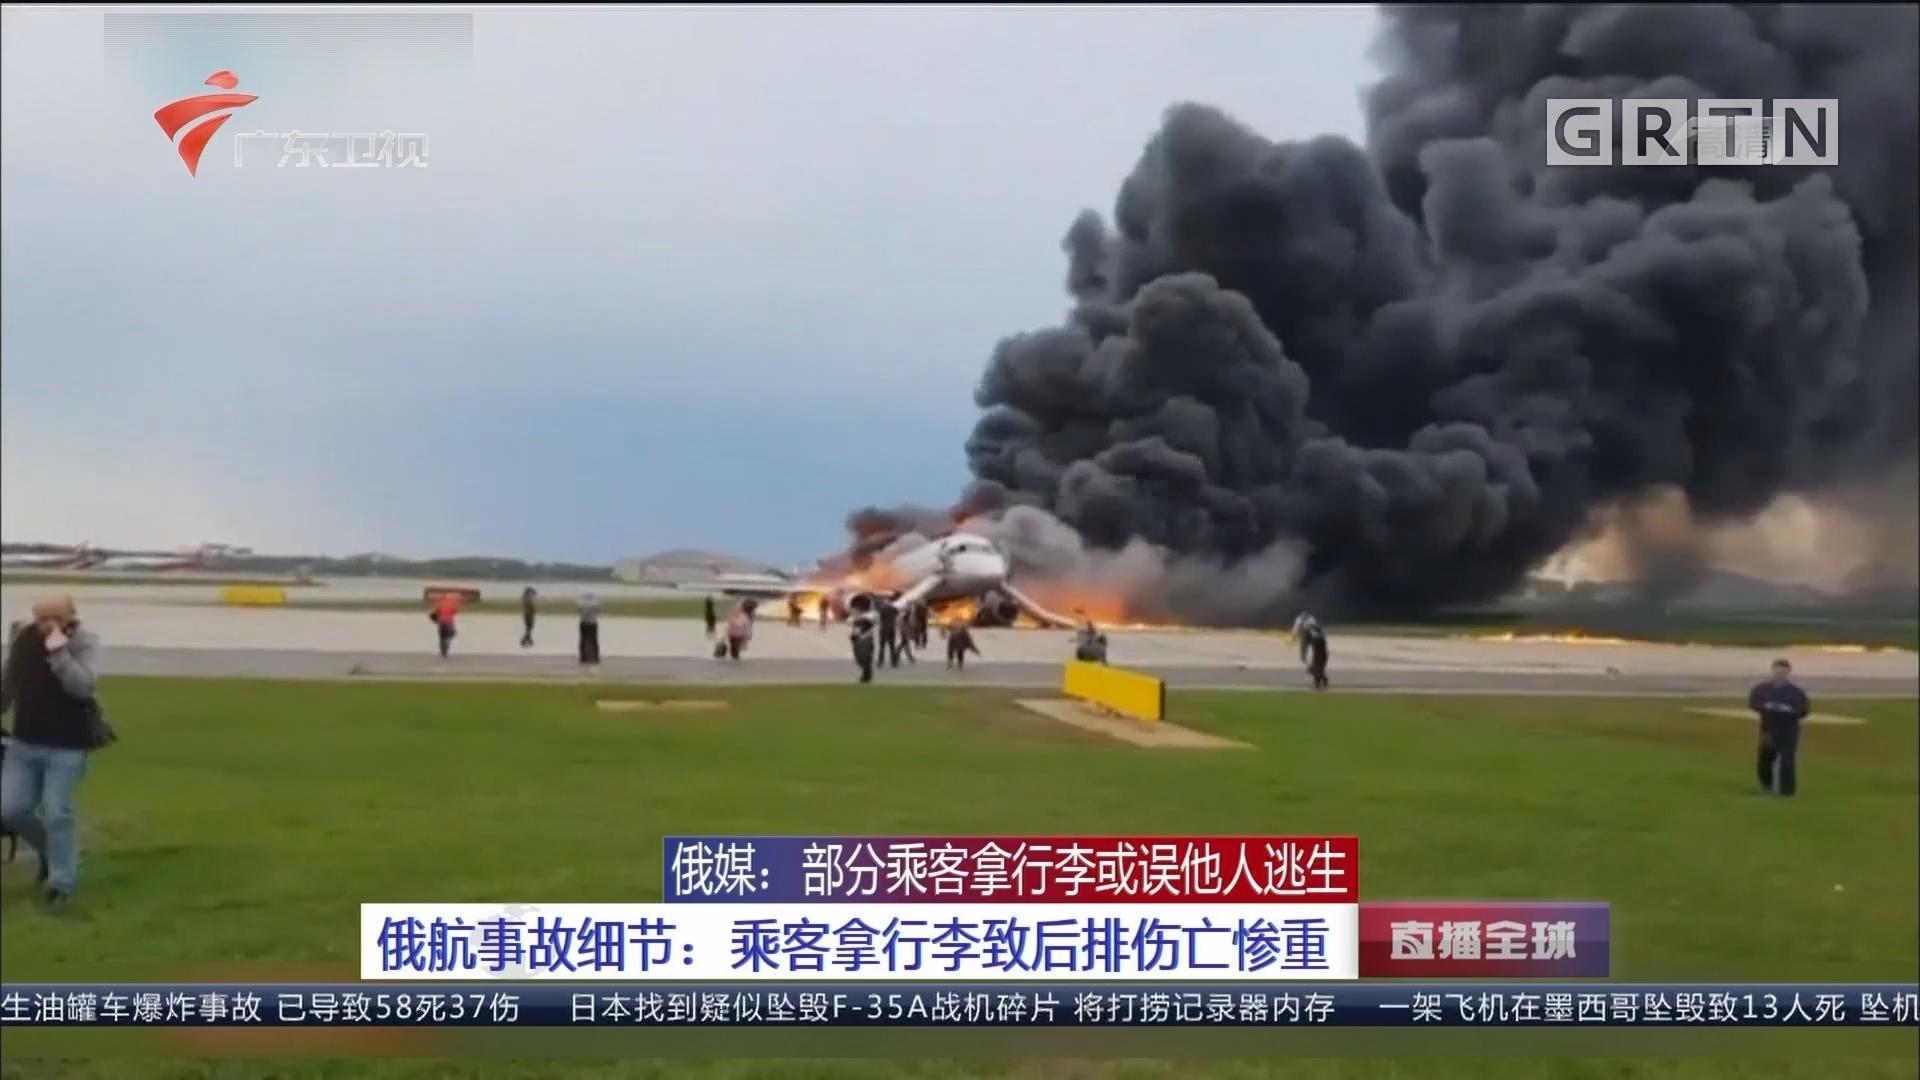 俄媒:部分乘客拿行李或误他人逃生 俄航事故细节:乘客拿行李致后排伤亡惨重